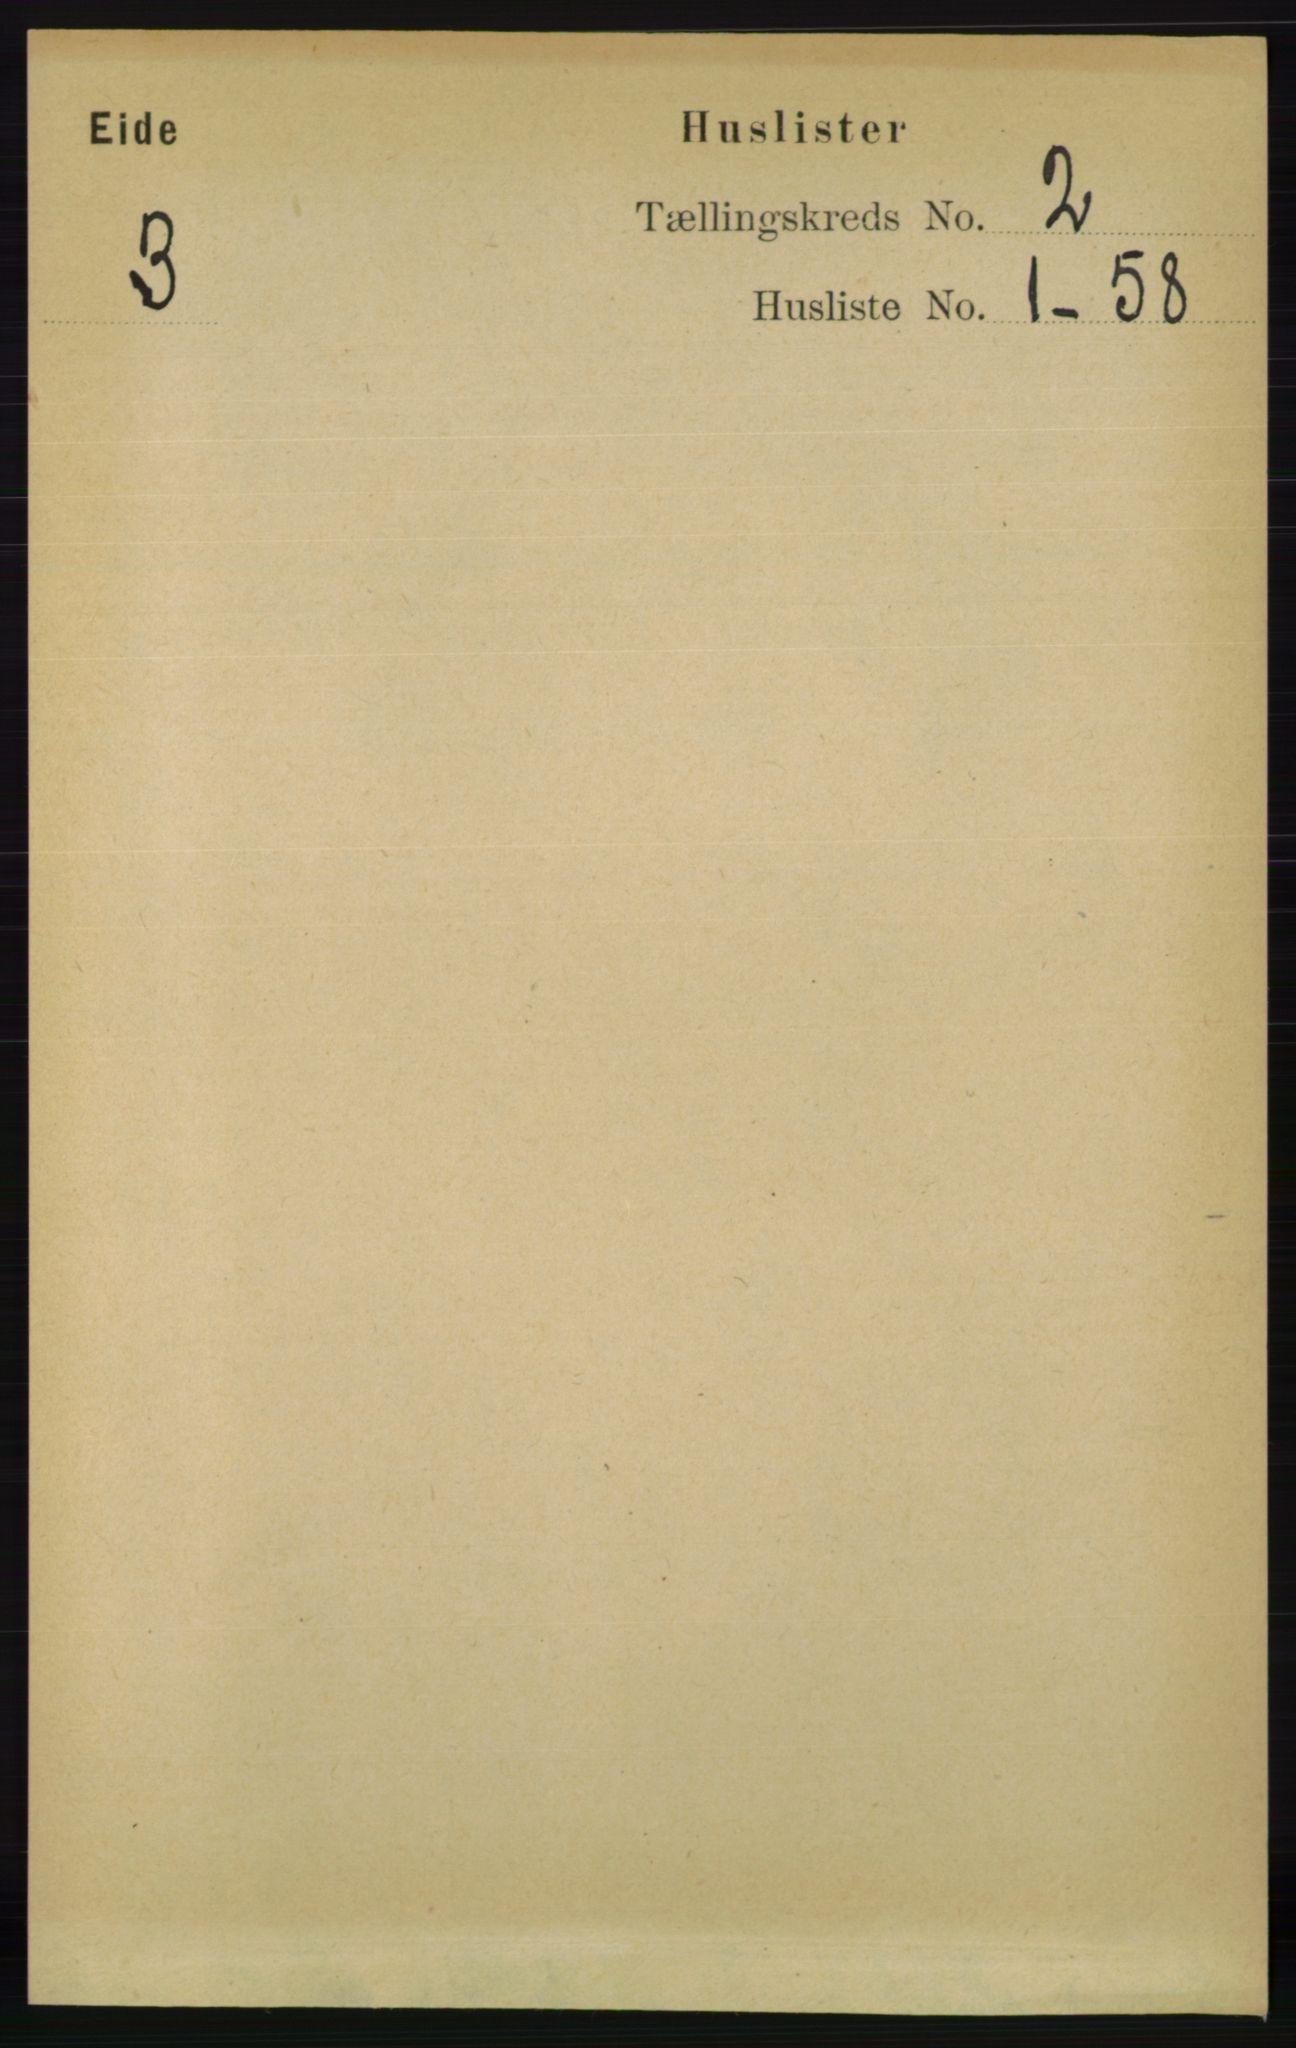 RA, Folketelling 1891 for 0925 Eide herred, 1891, s. 280